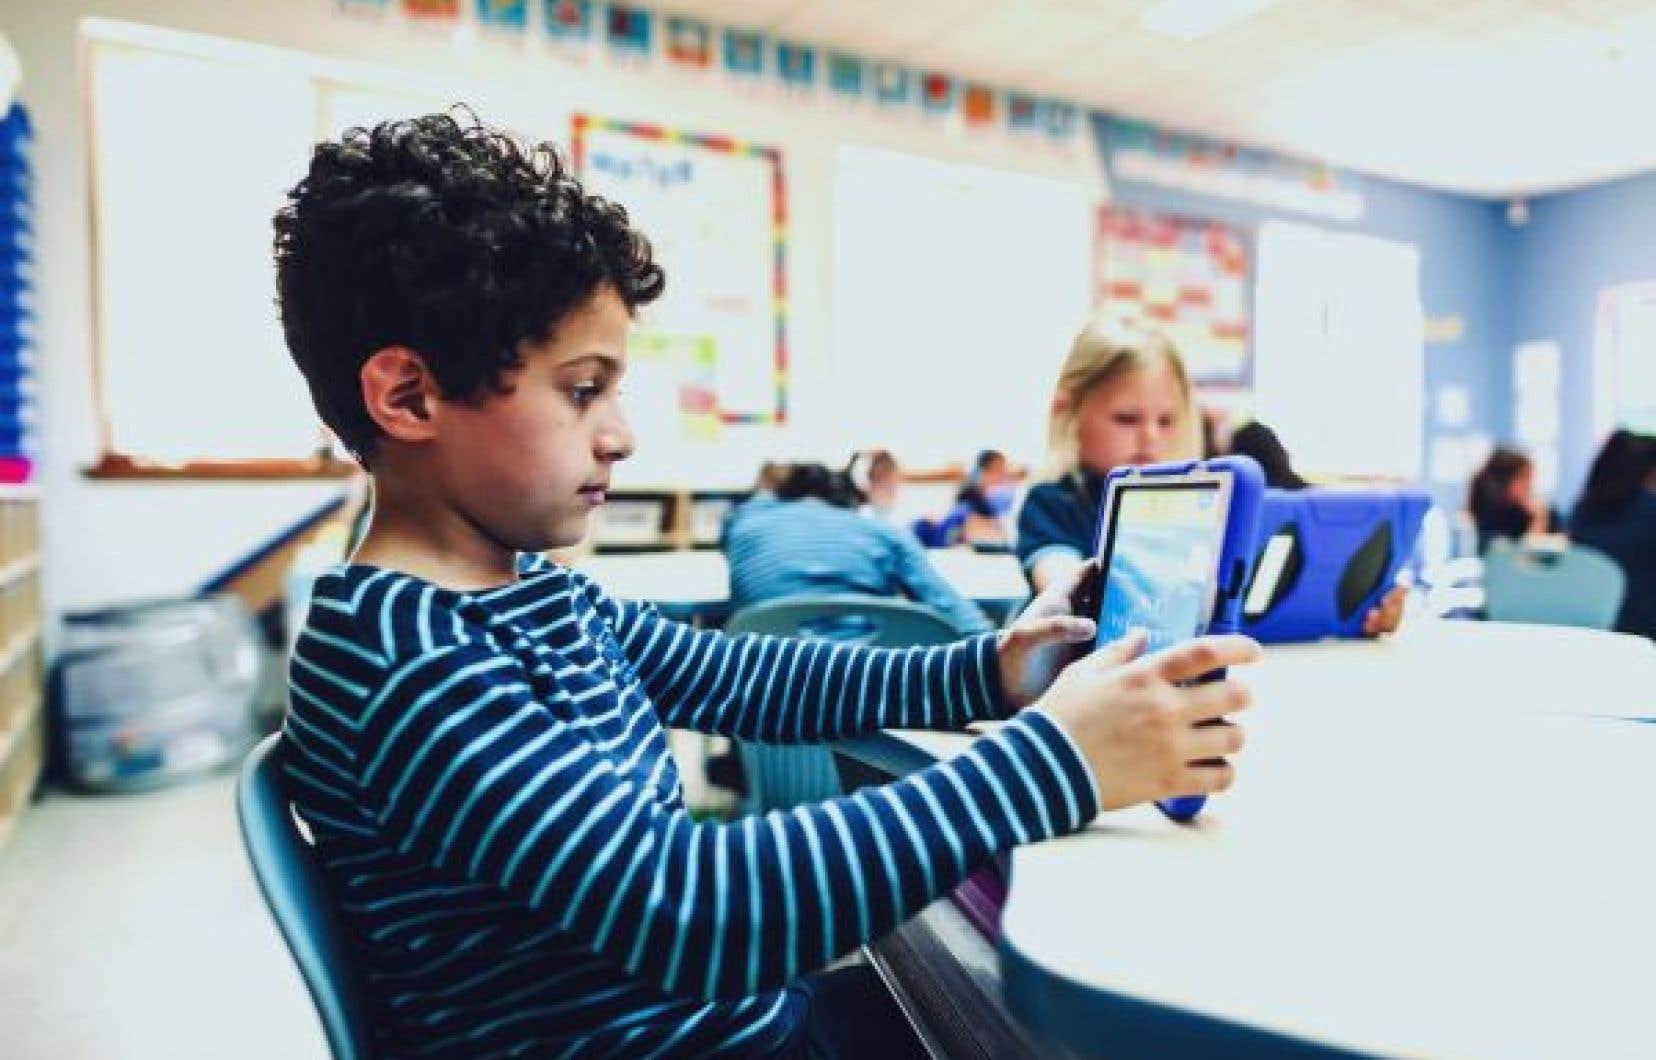 L'école doit développer des compétences complémentaires aux machines — créativité, collaboration, communication,etc.